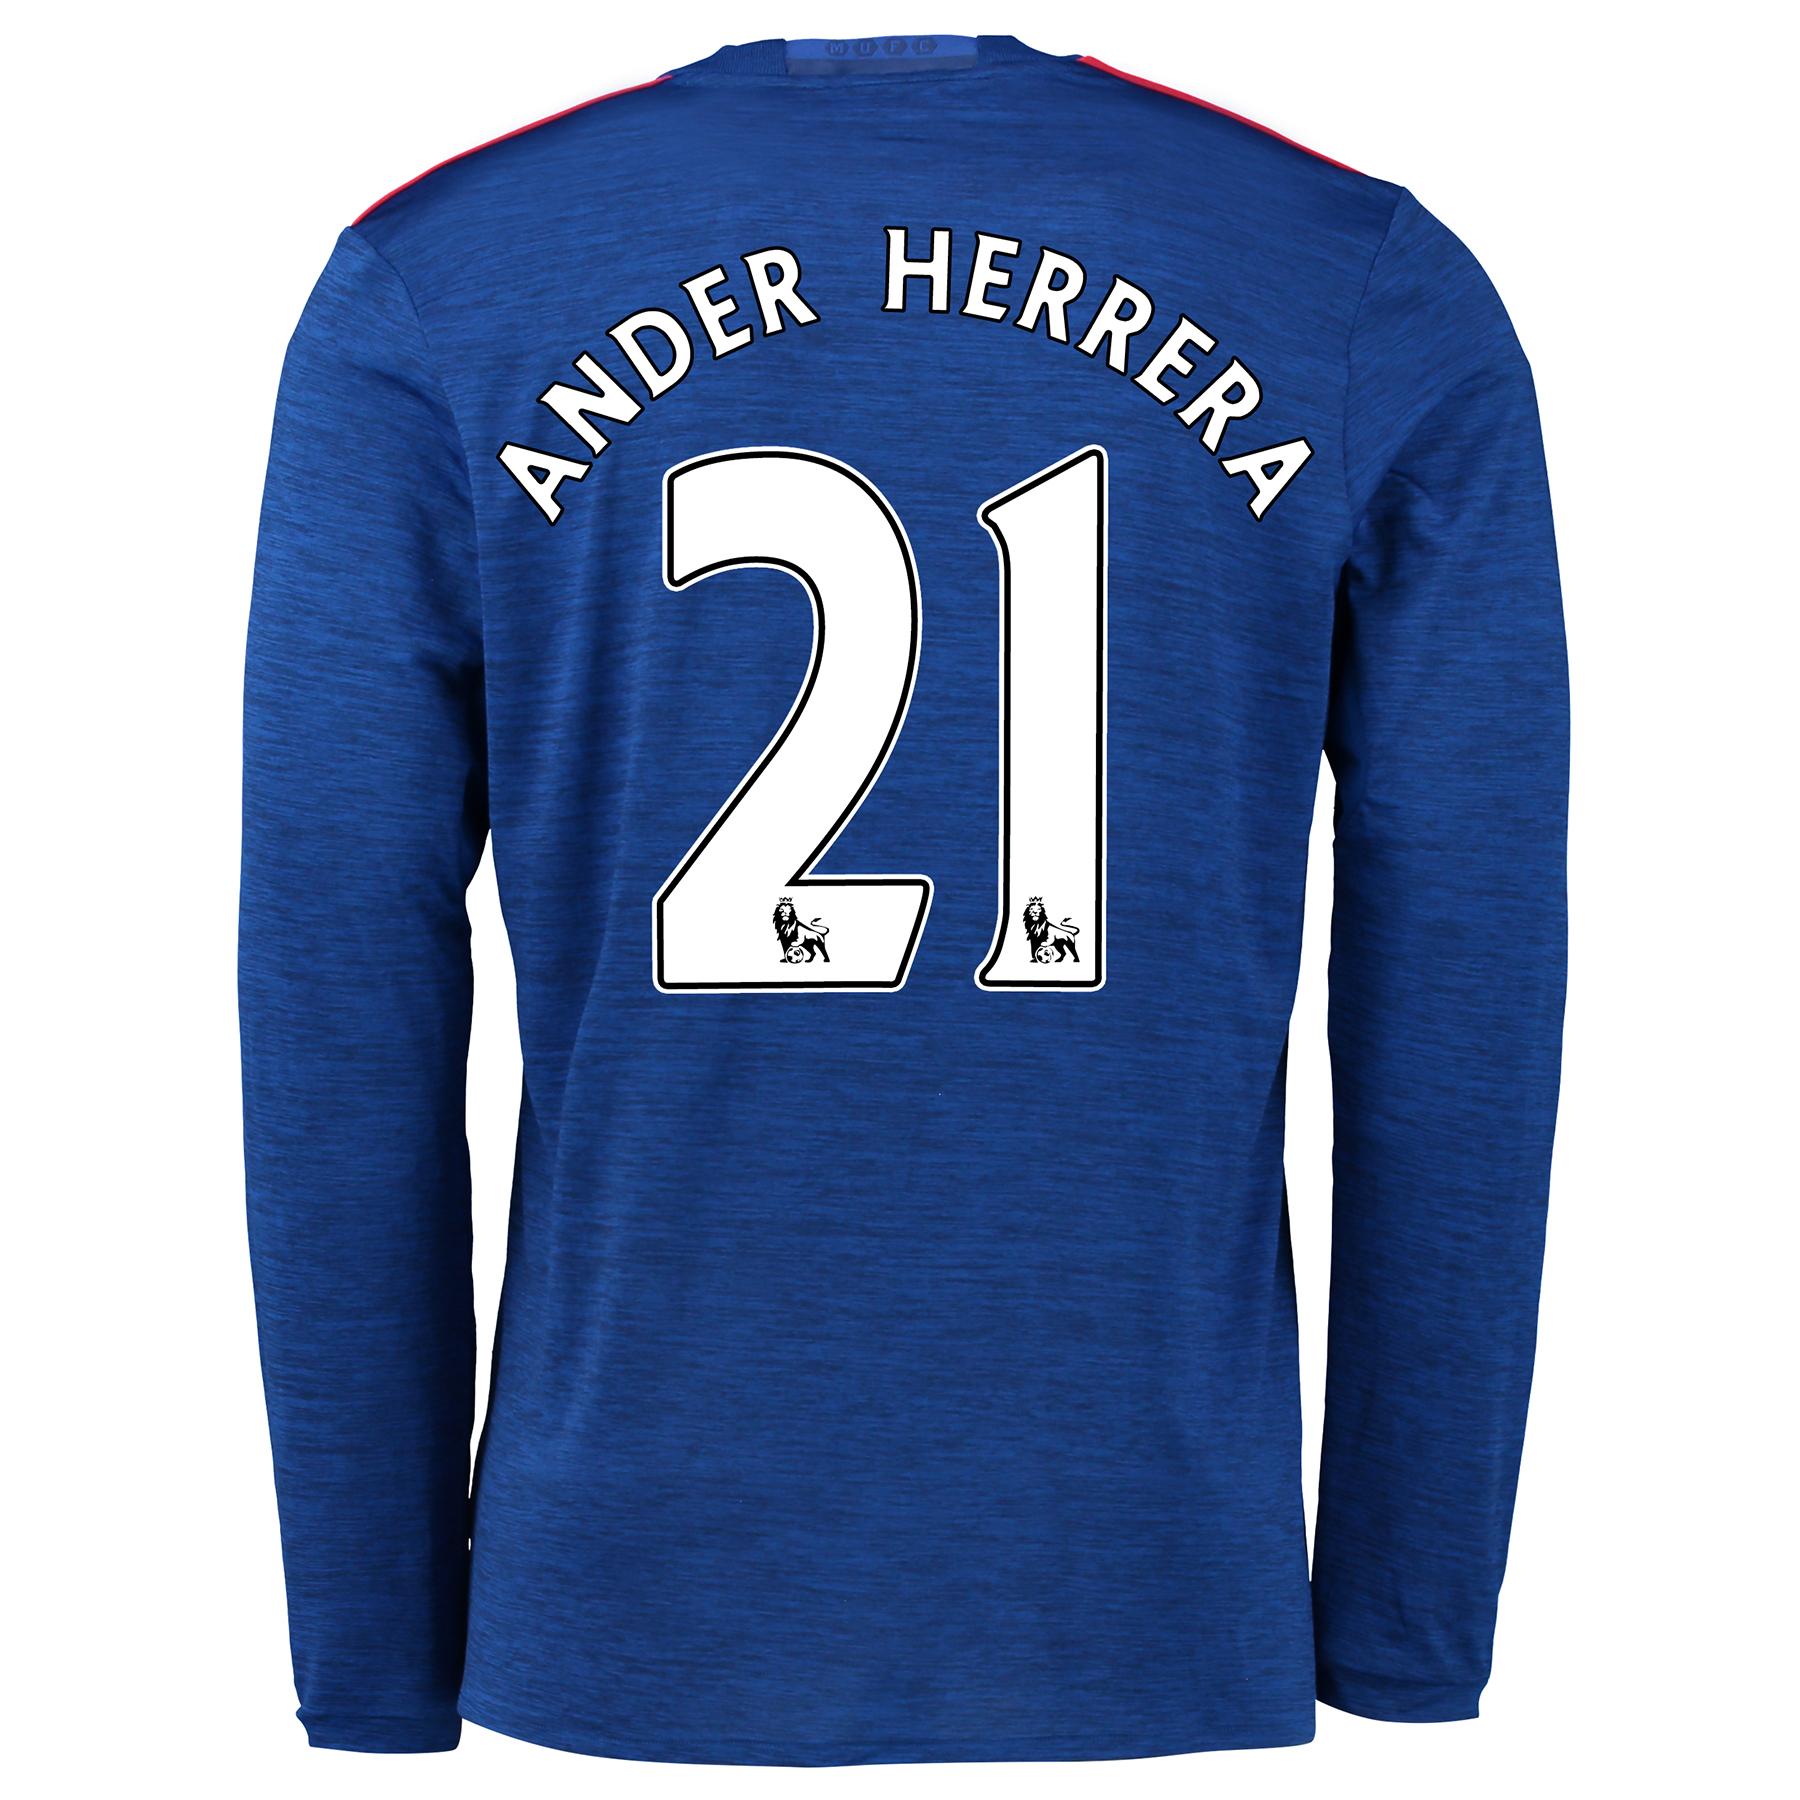 Manchester United Away Shirt 2016-17 - Long Sleeve with Herrera 21 pri